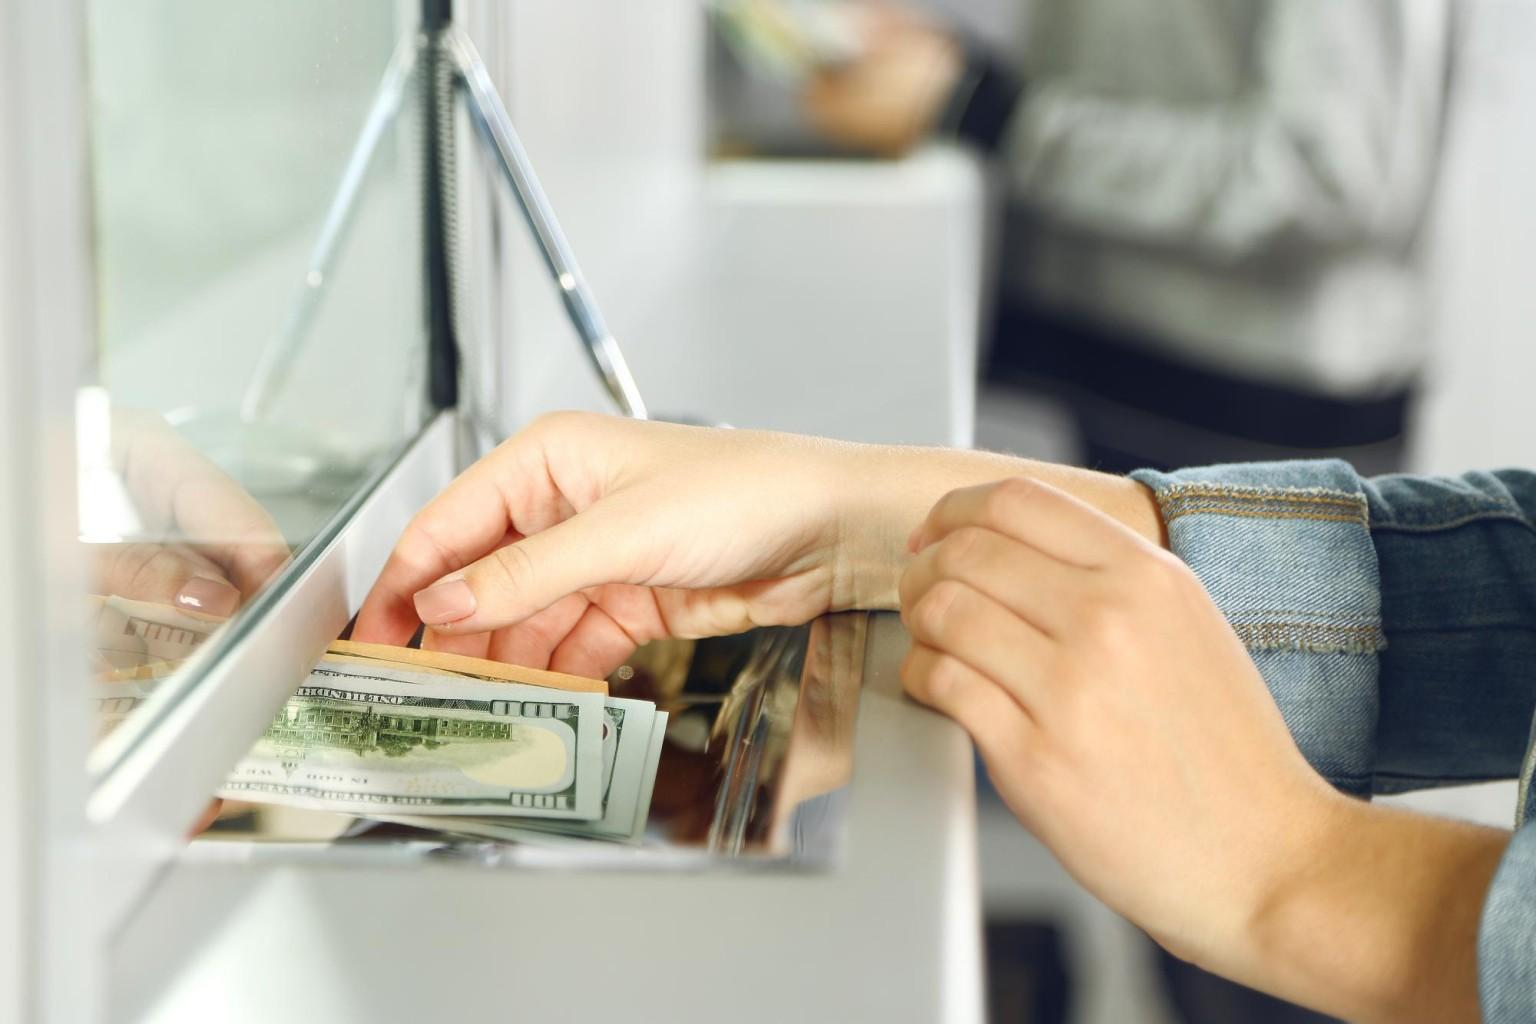 Вклады в банке уже не актуальны. А что делать, если вы уже поместили деньги в банк?